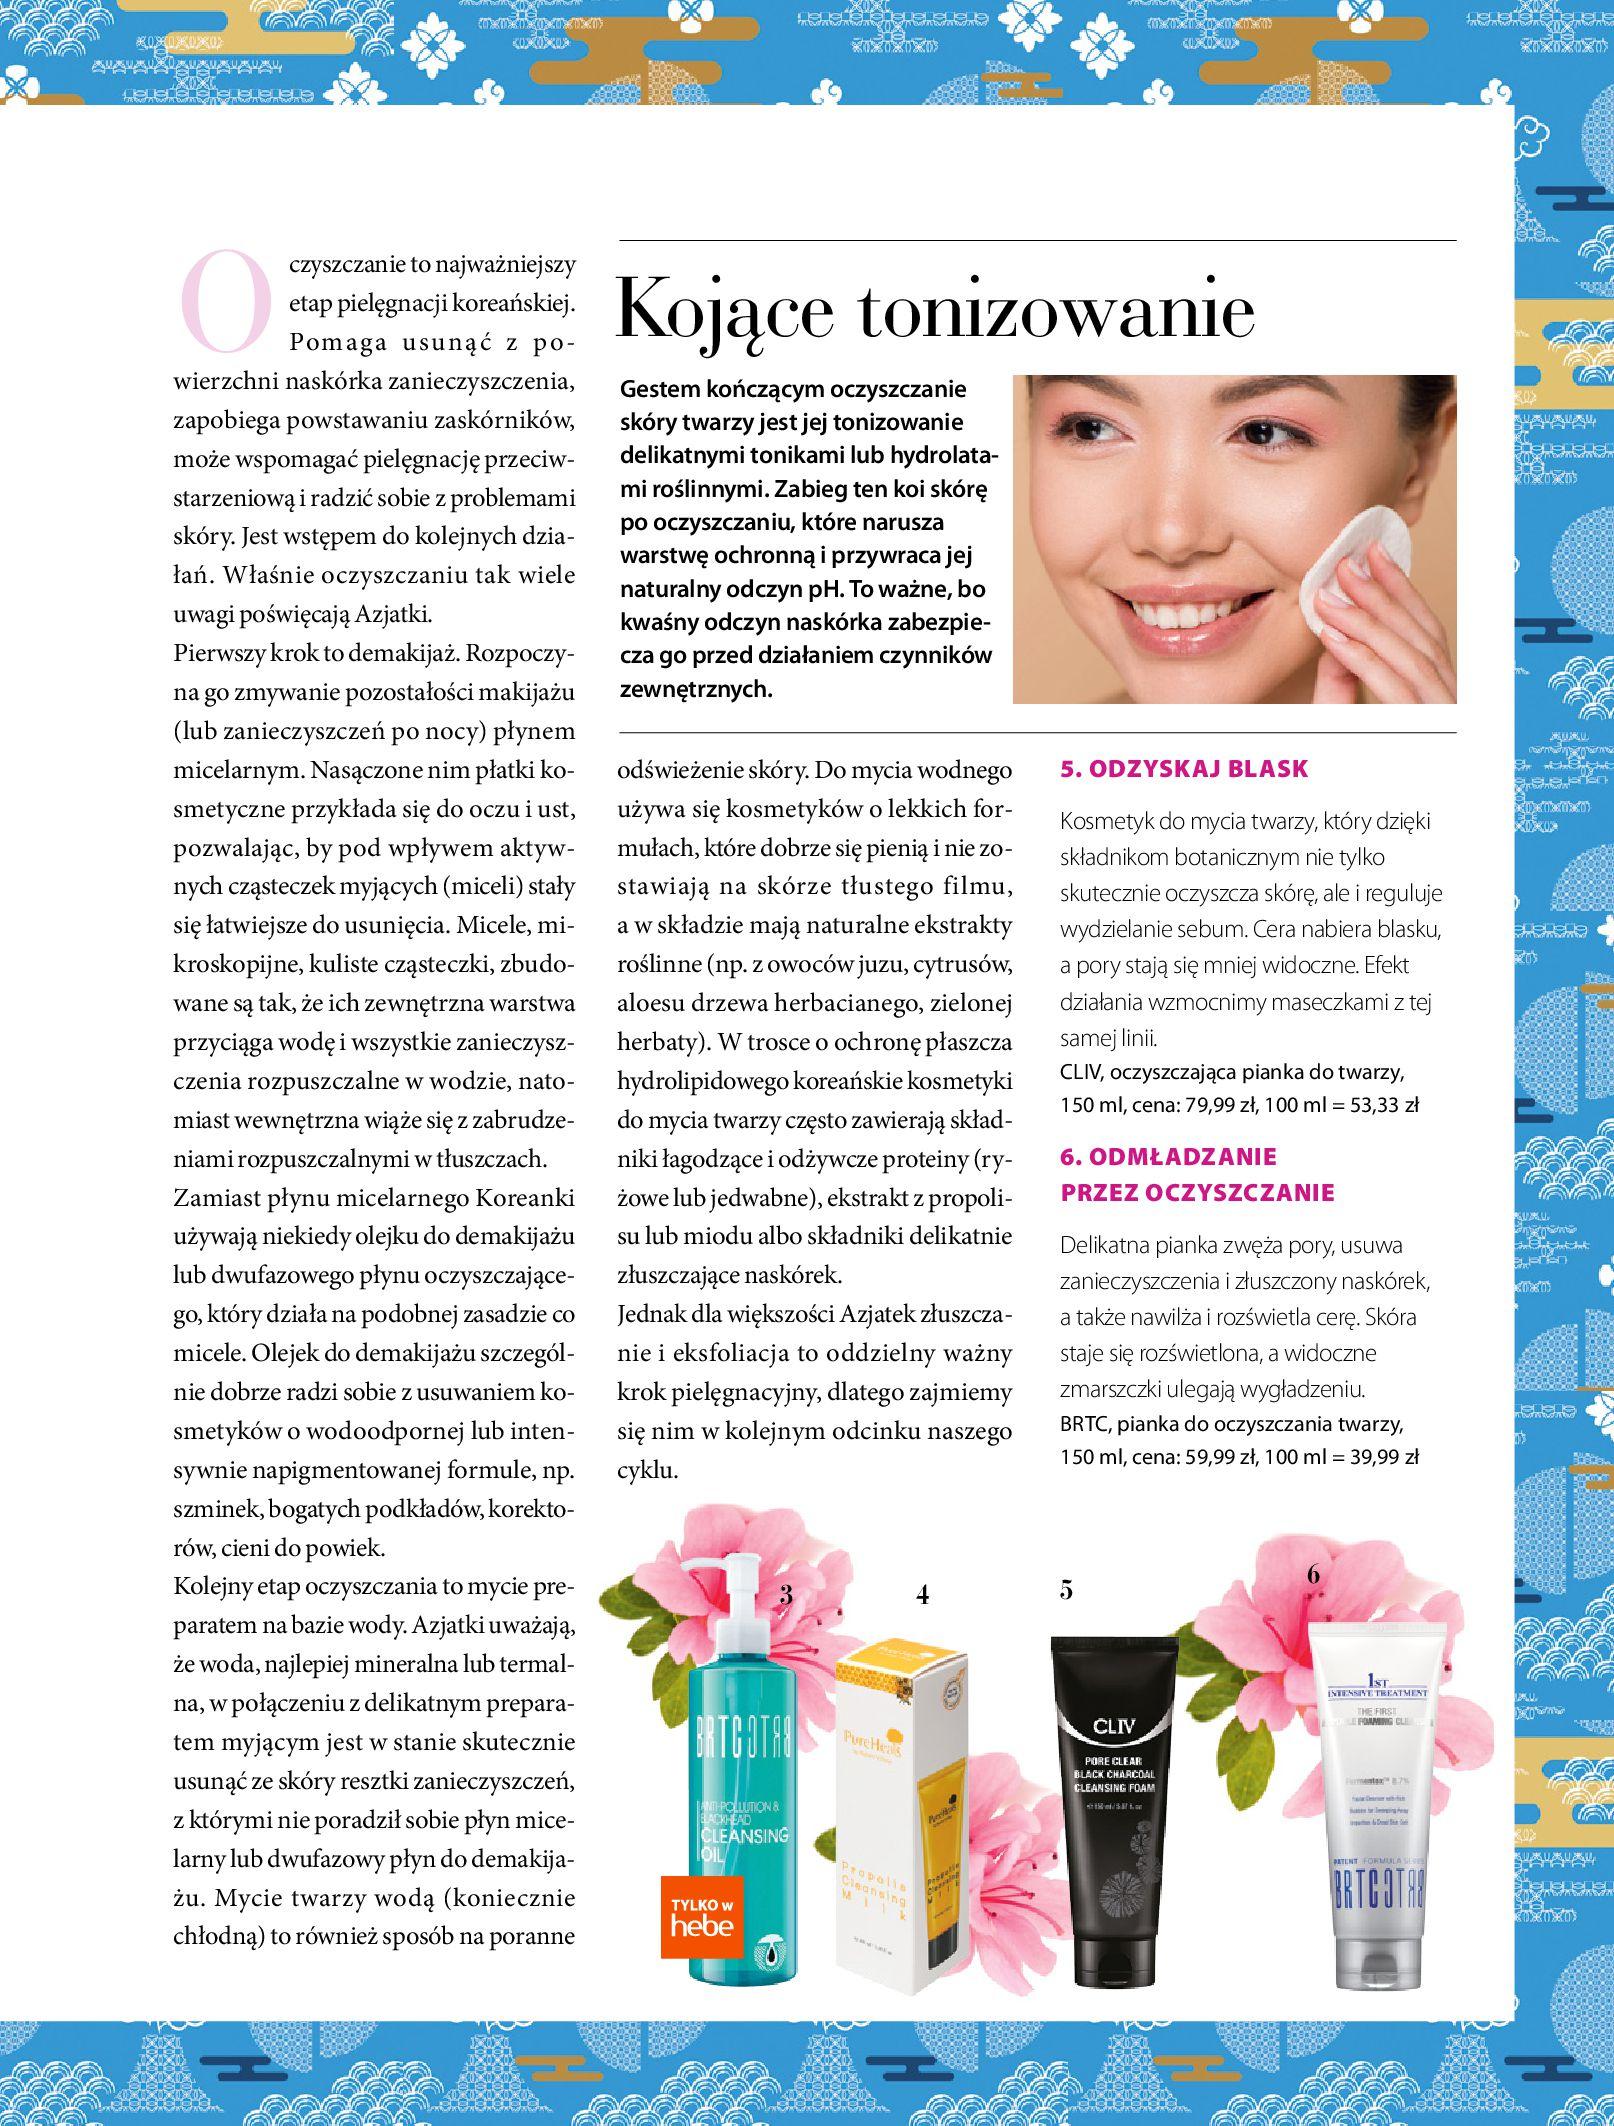 Gazetka hebe - Magazyn Hebe-30.06.2020-31.08.2020-page-81